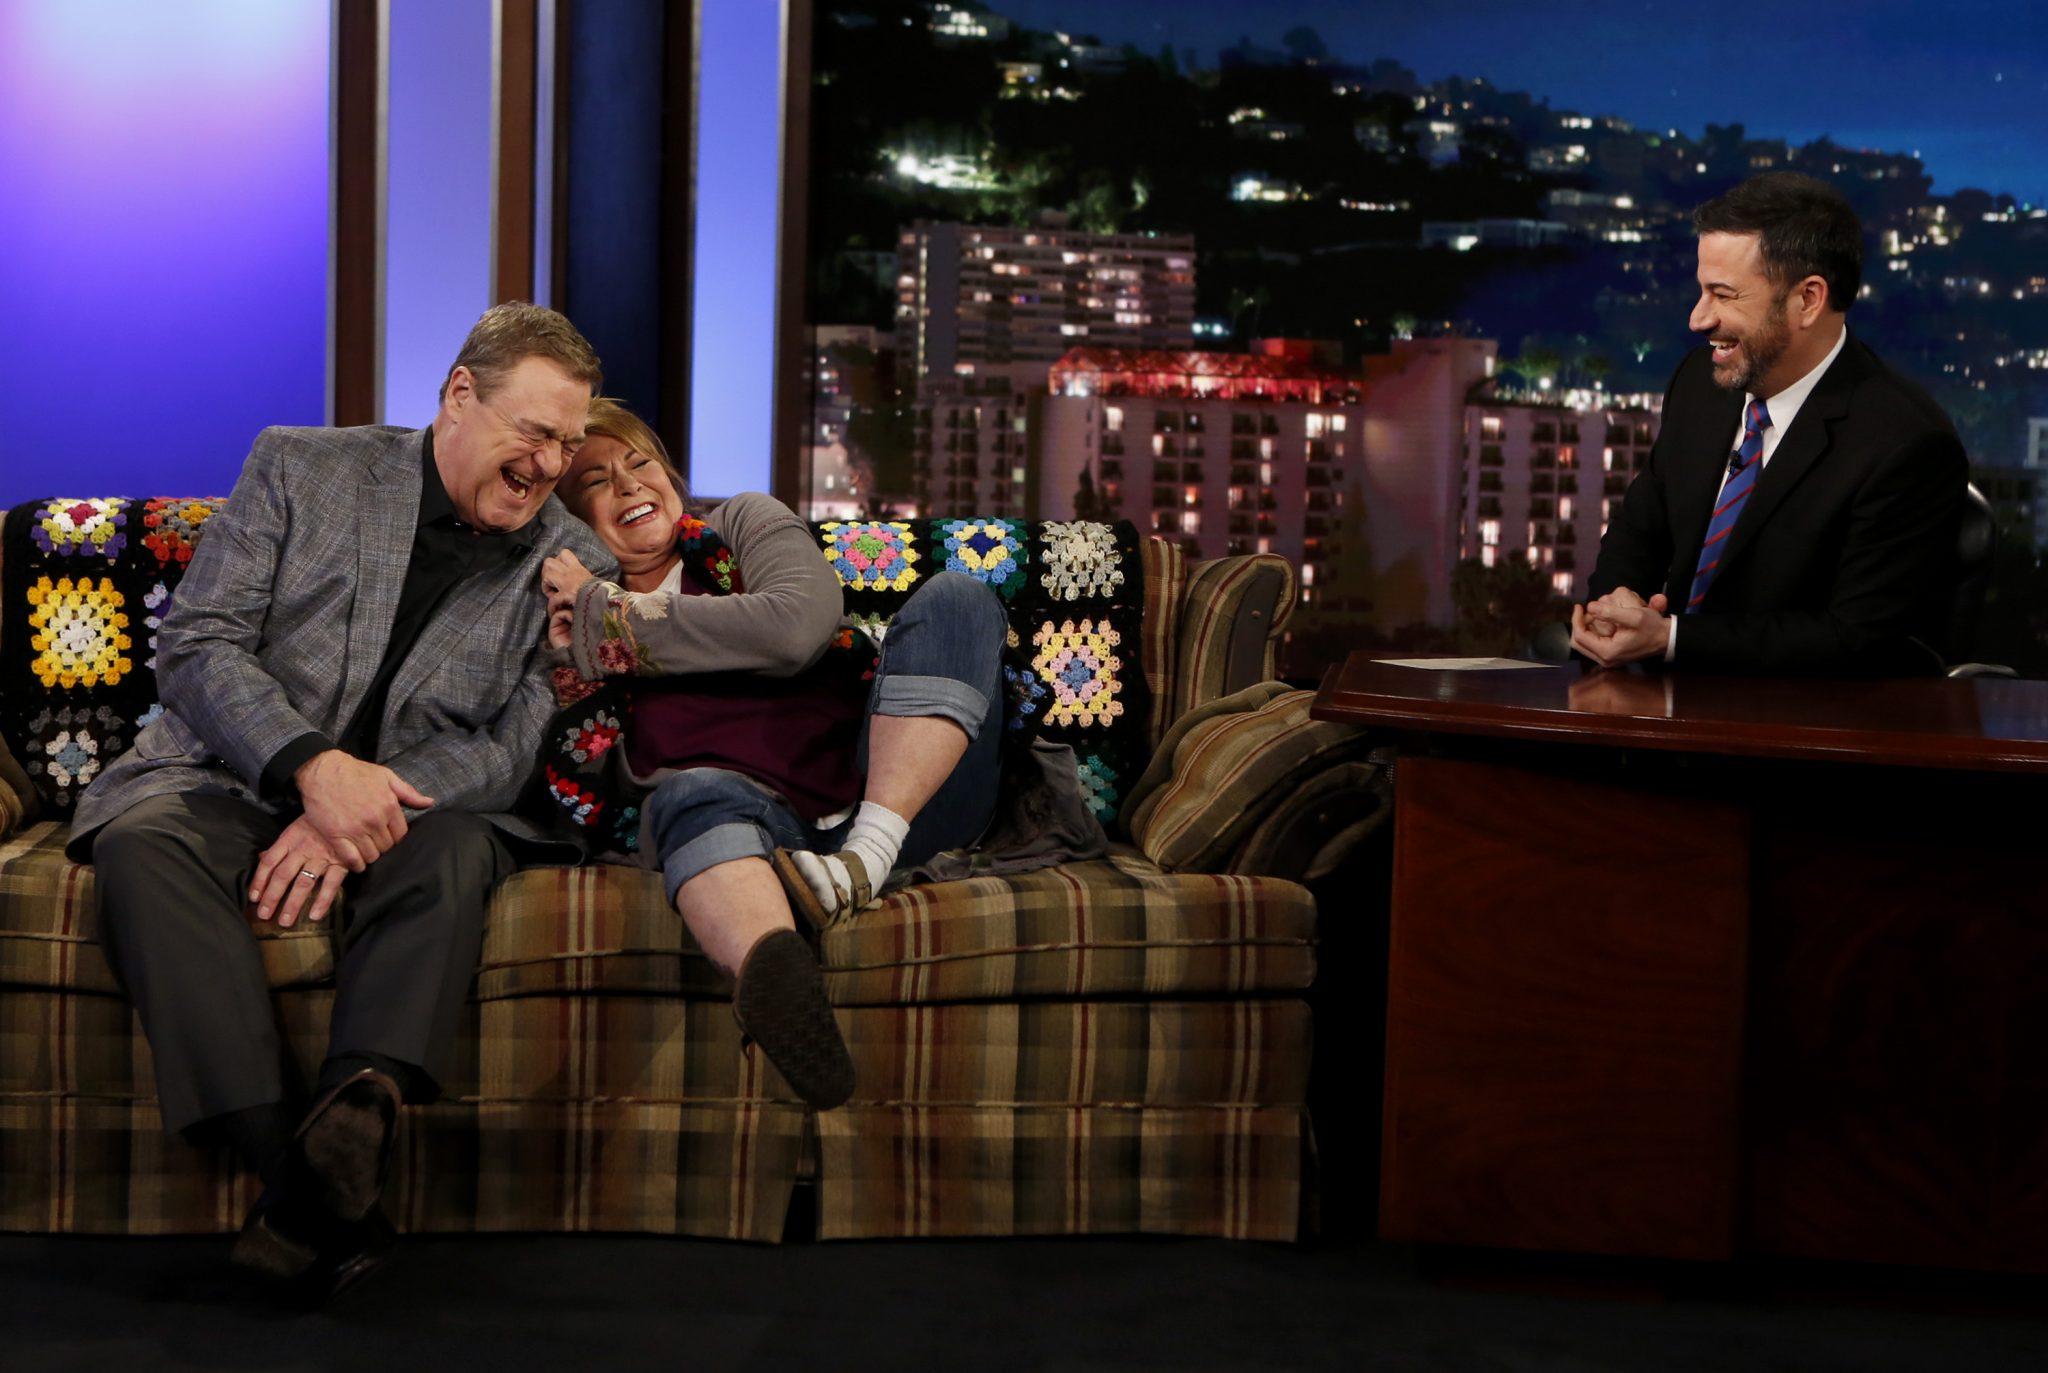 In Case You Missed It: Roseanne Barr & John Goodman On Jimmy Kimmel Live